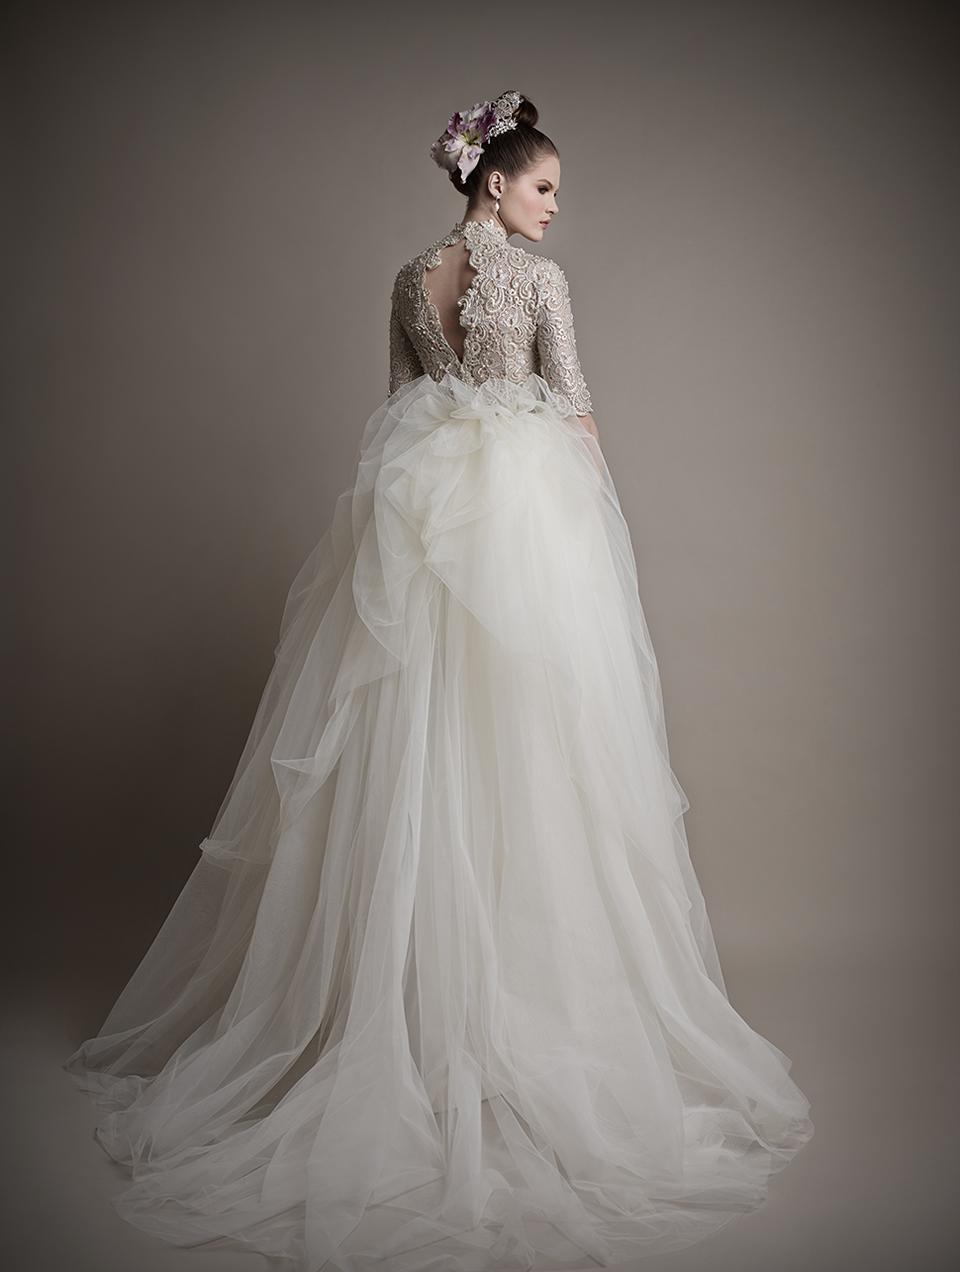 Коллекция свадебных платьев 2015 года от Ersa Atelier17-1